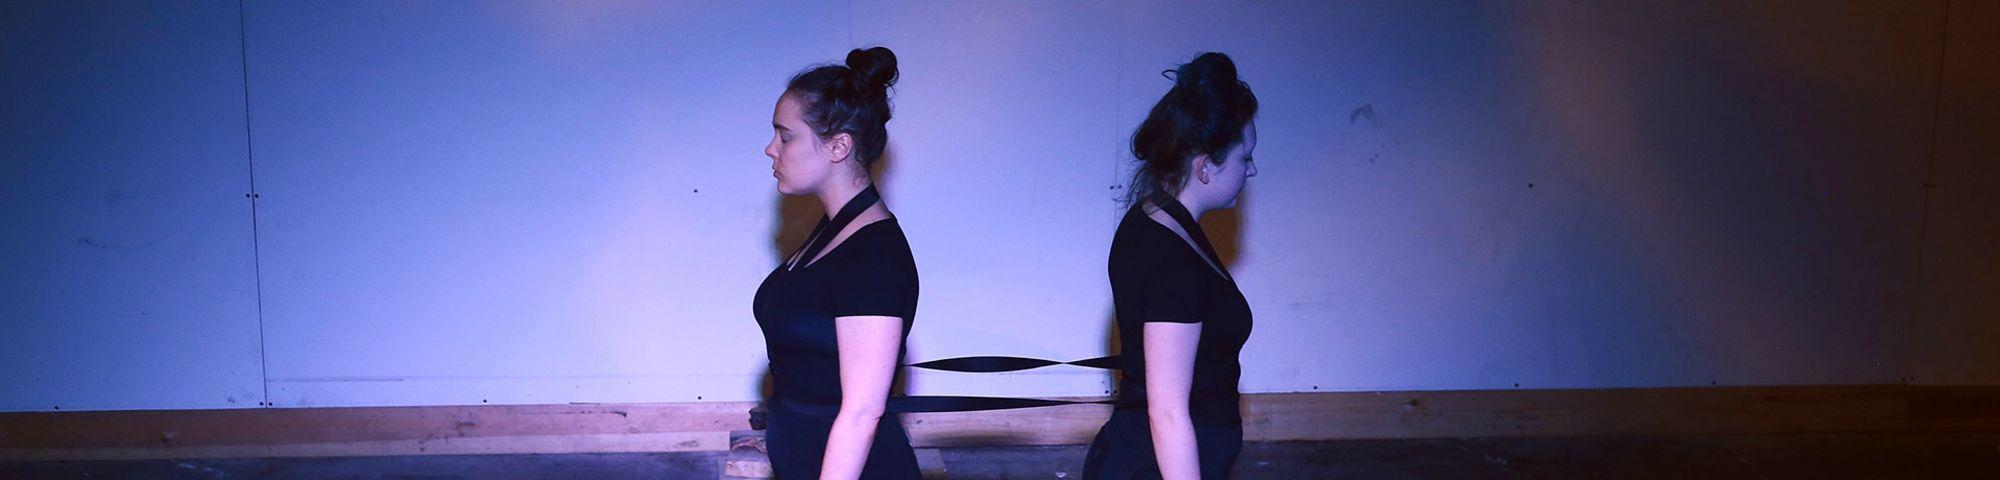 Performance work by Lizzie Masterton.